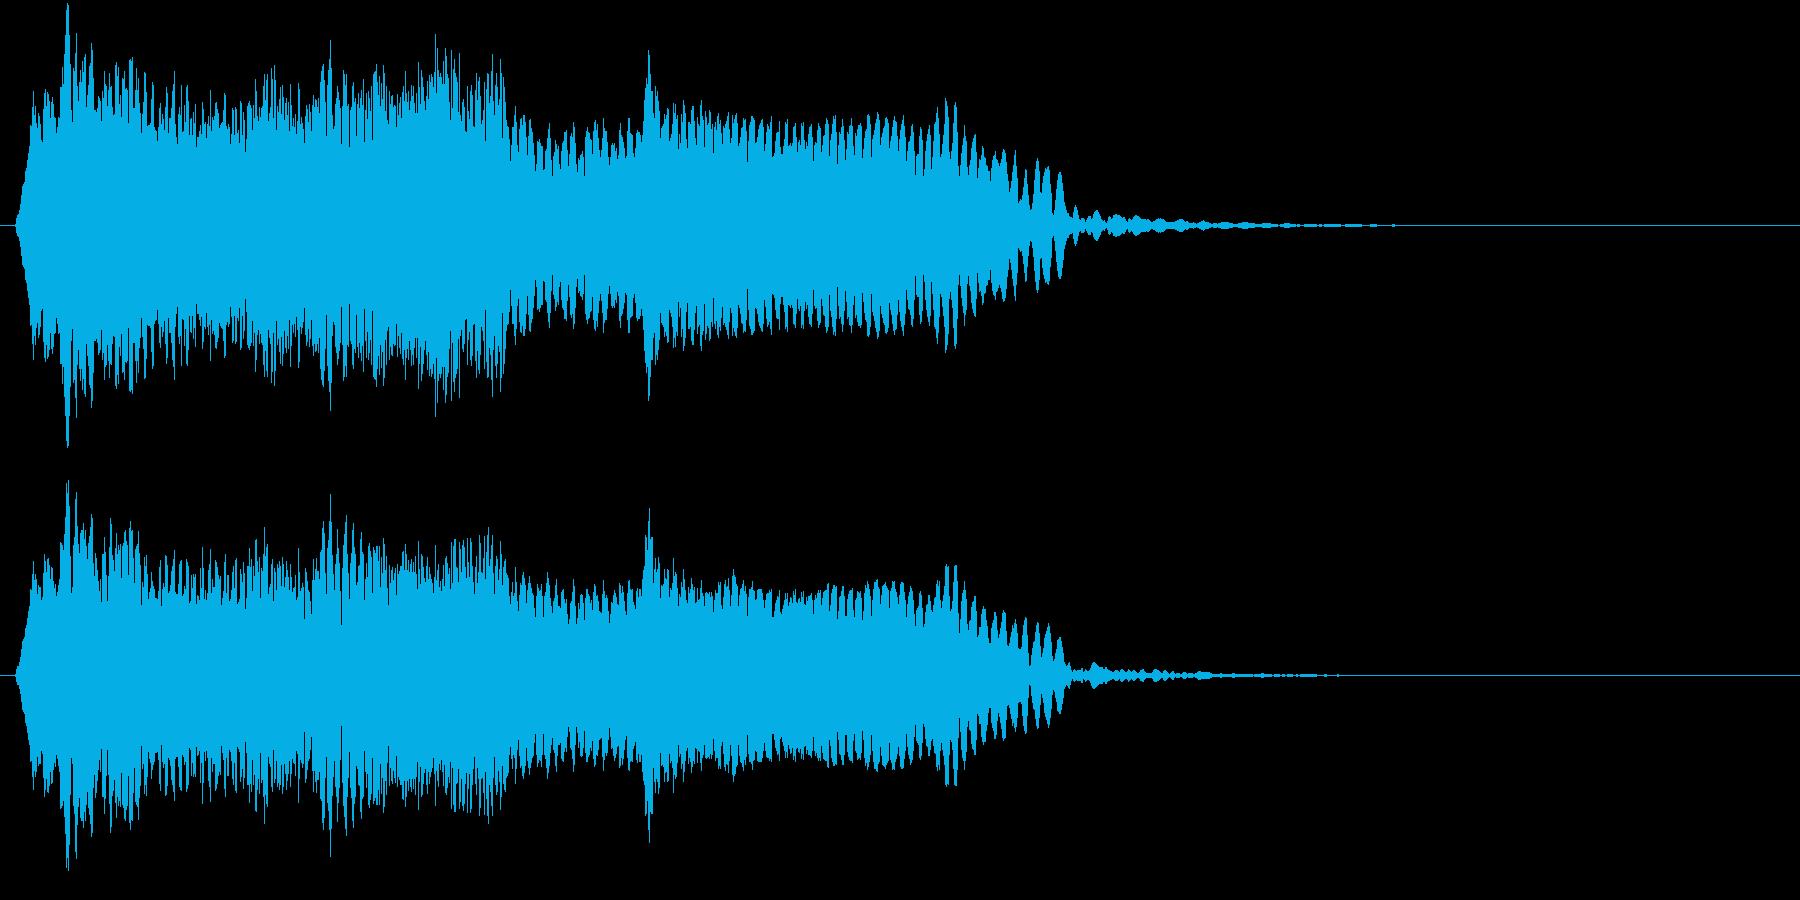 音侍SE「尺八フレーズ1」エニグマ音13の再生済みの波形